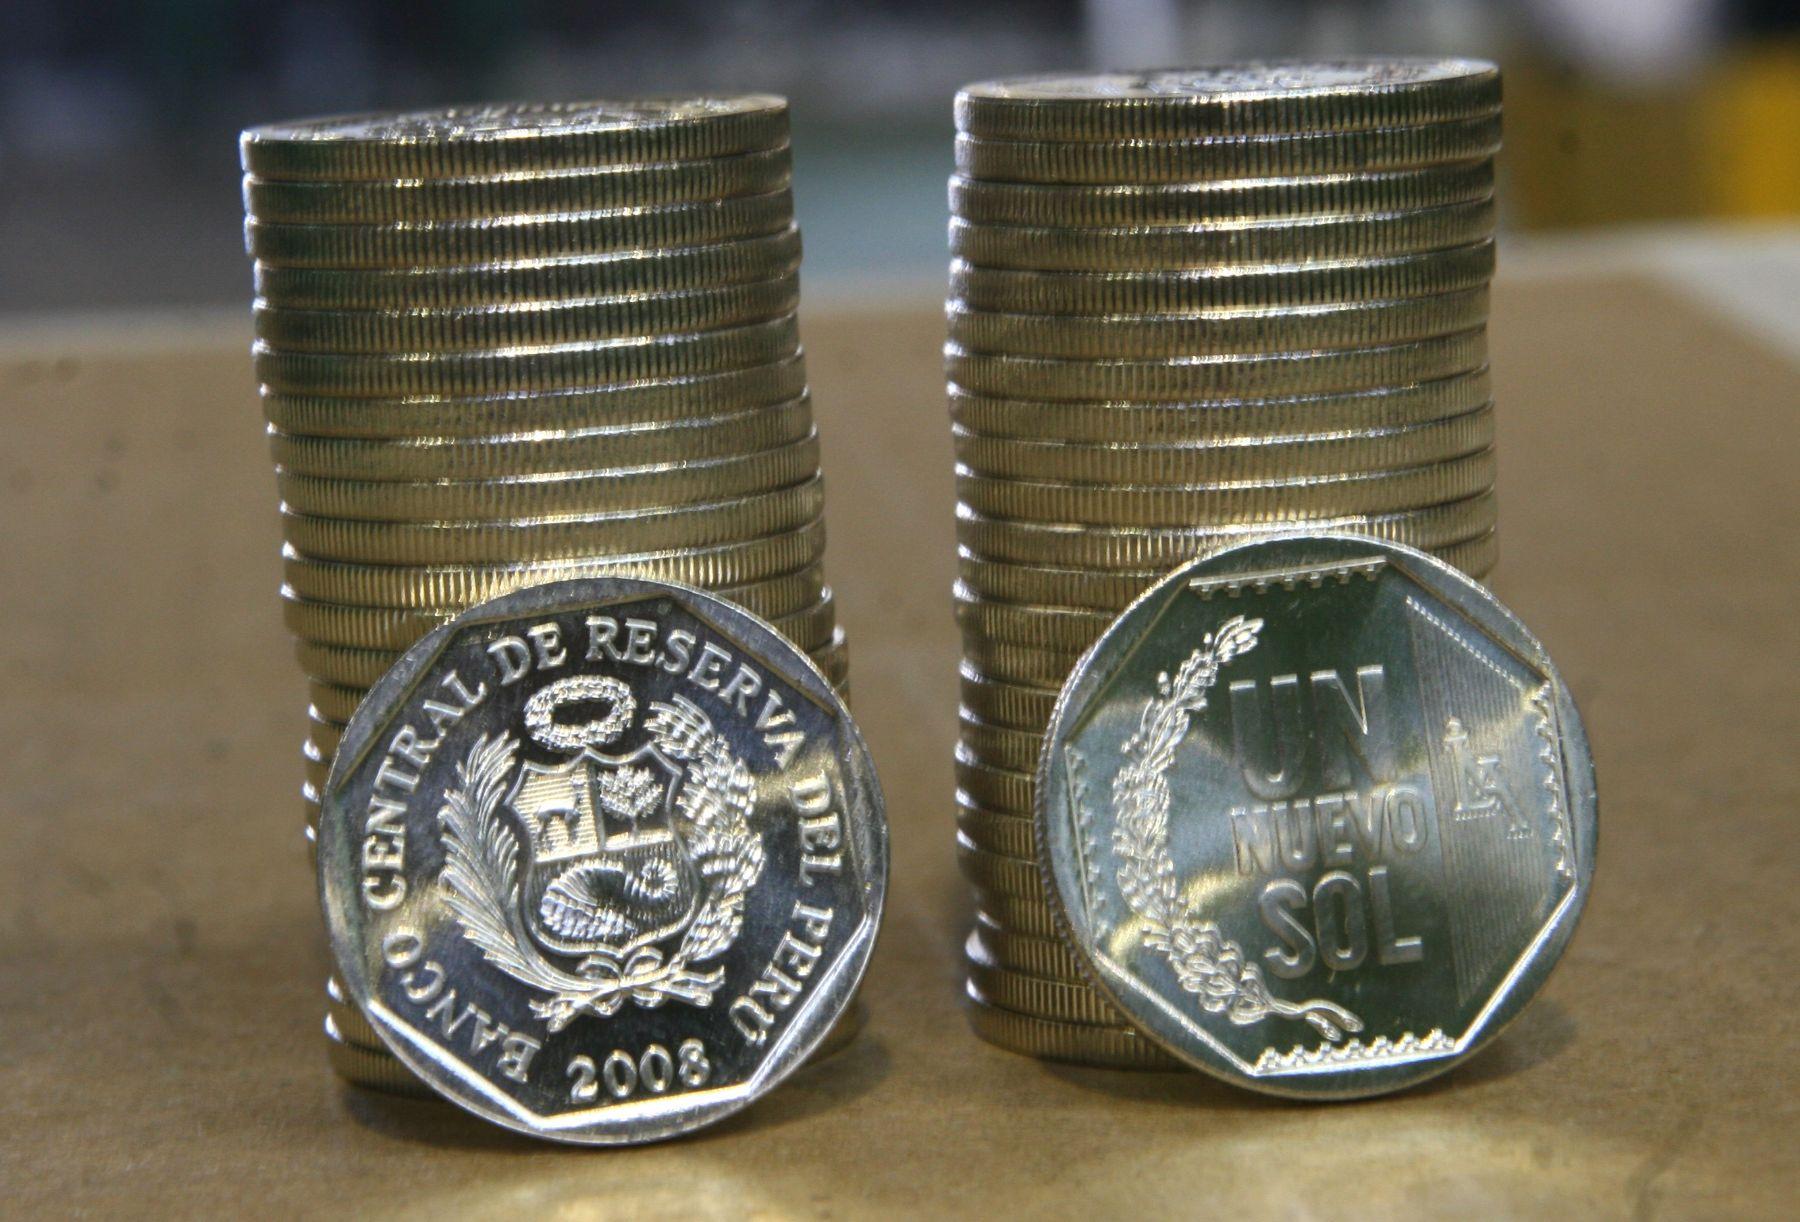 Resultado de imagen para fotos del banco banco central de reserva peru